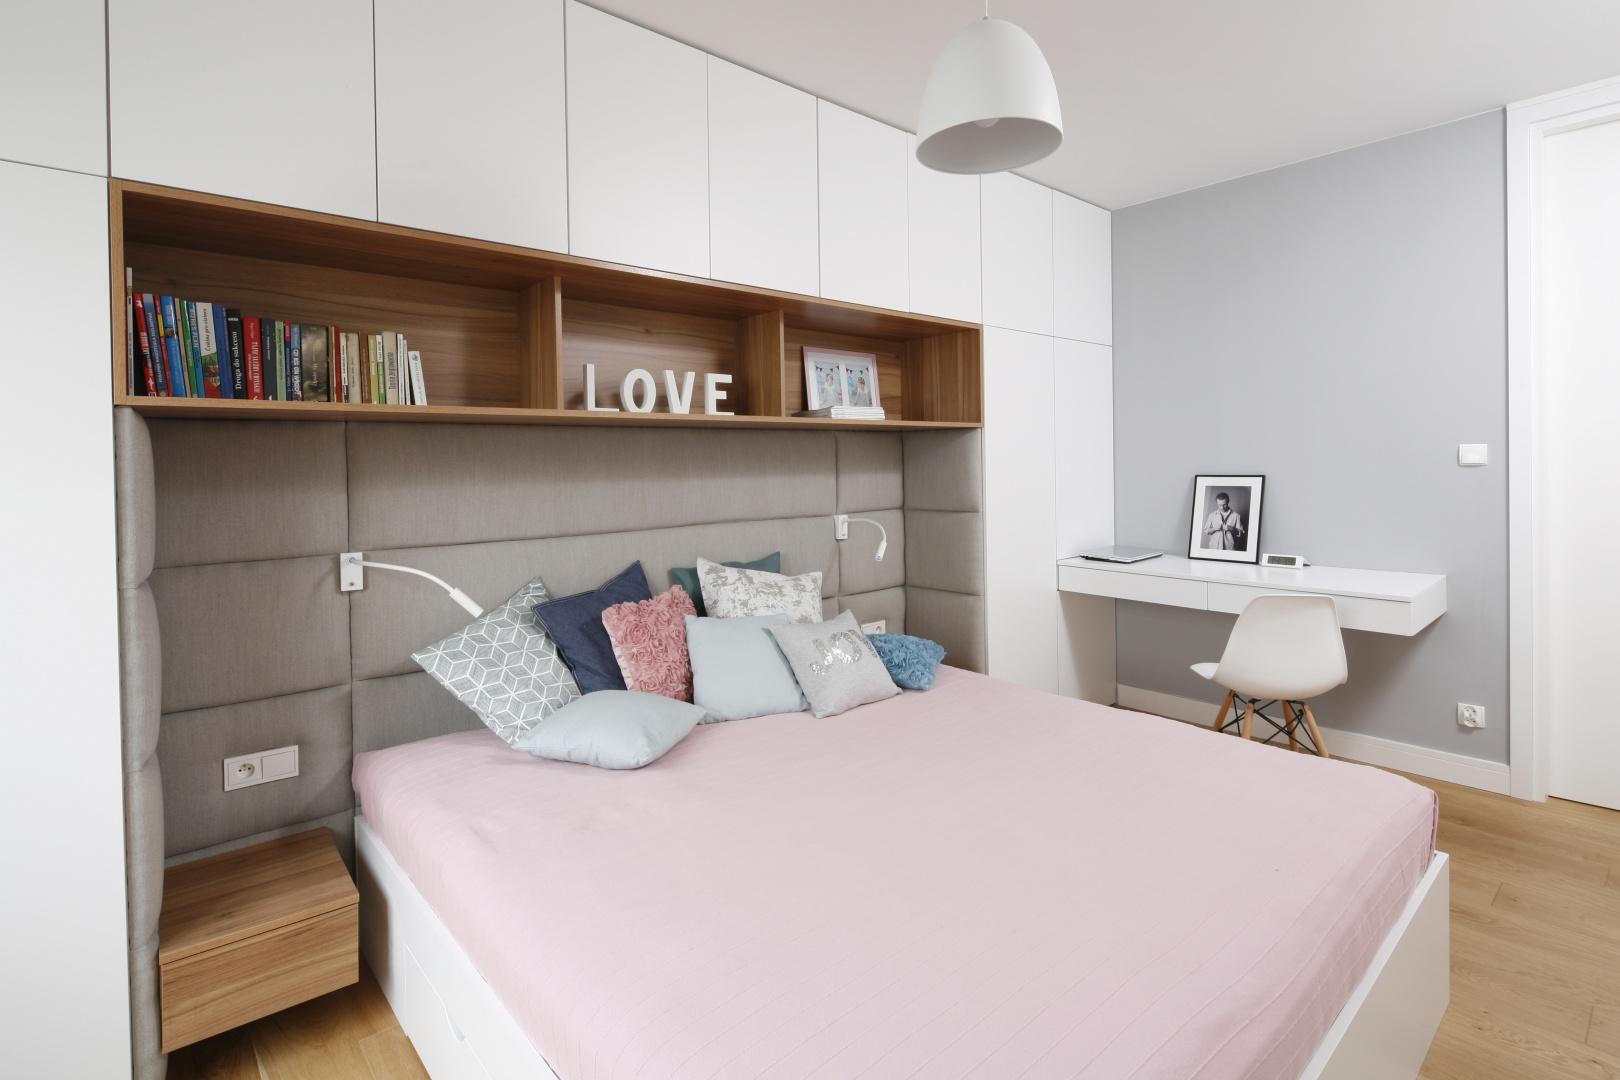 Zabudowa meblowa łącząca...  Nowoczesna sypialnia. Piękne zdjęcia  Strona: 4